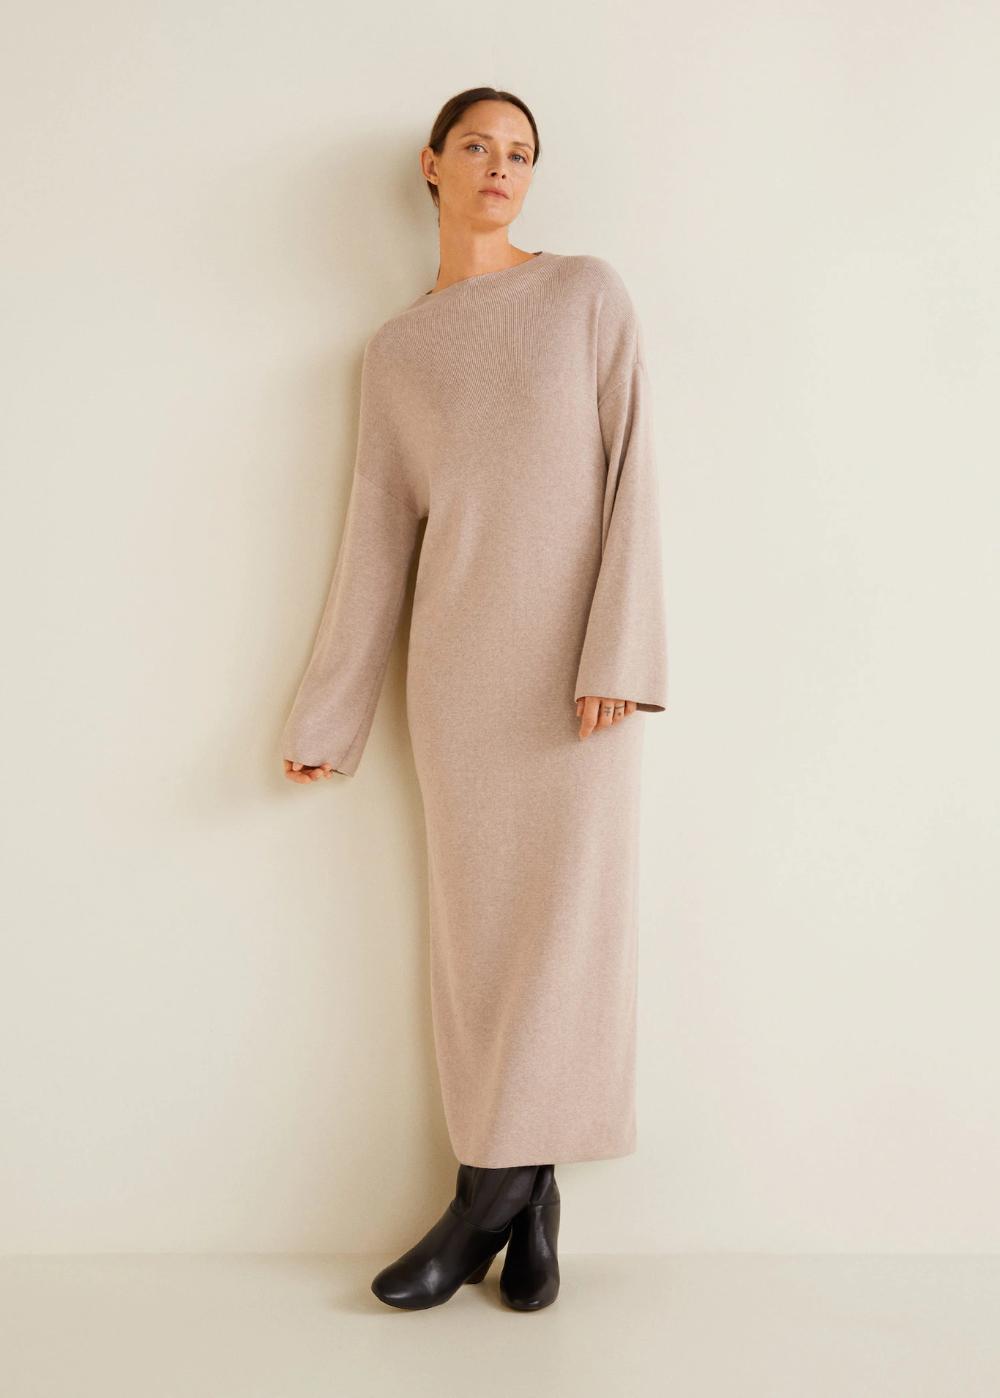 Soft-kleid mit rippstruktur - Damen  Minimalistische mode, Mango